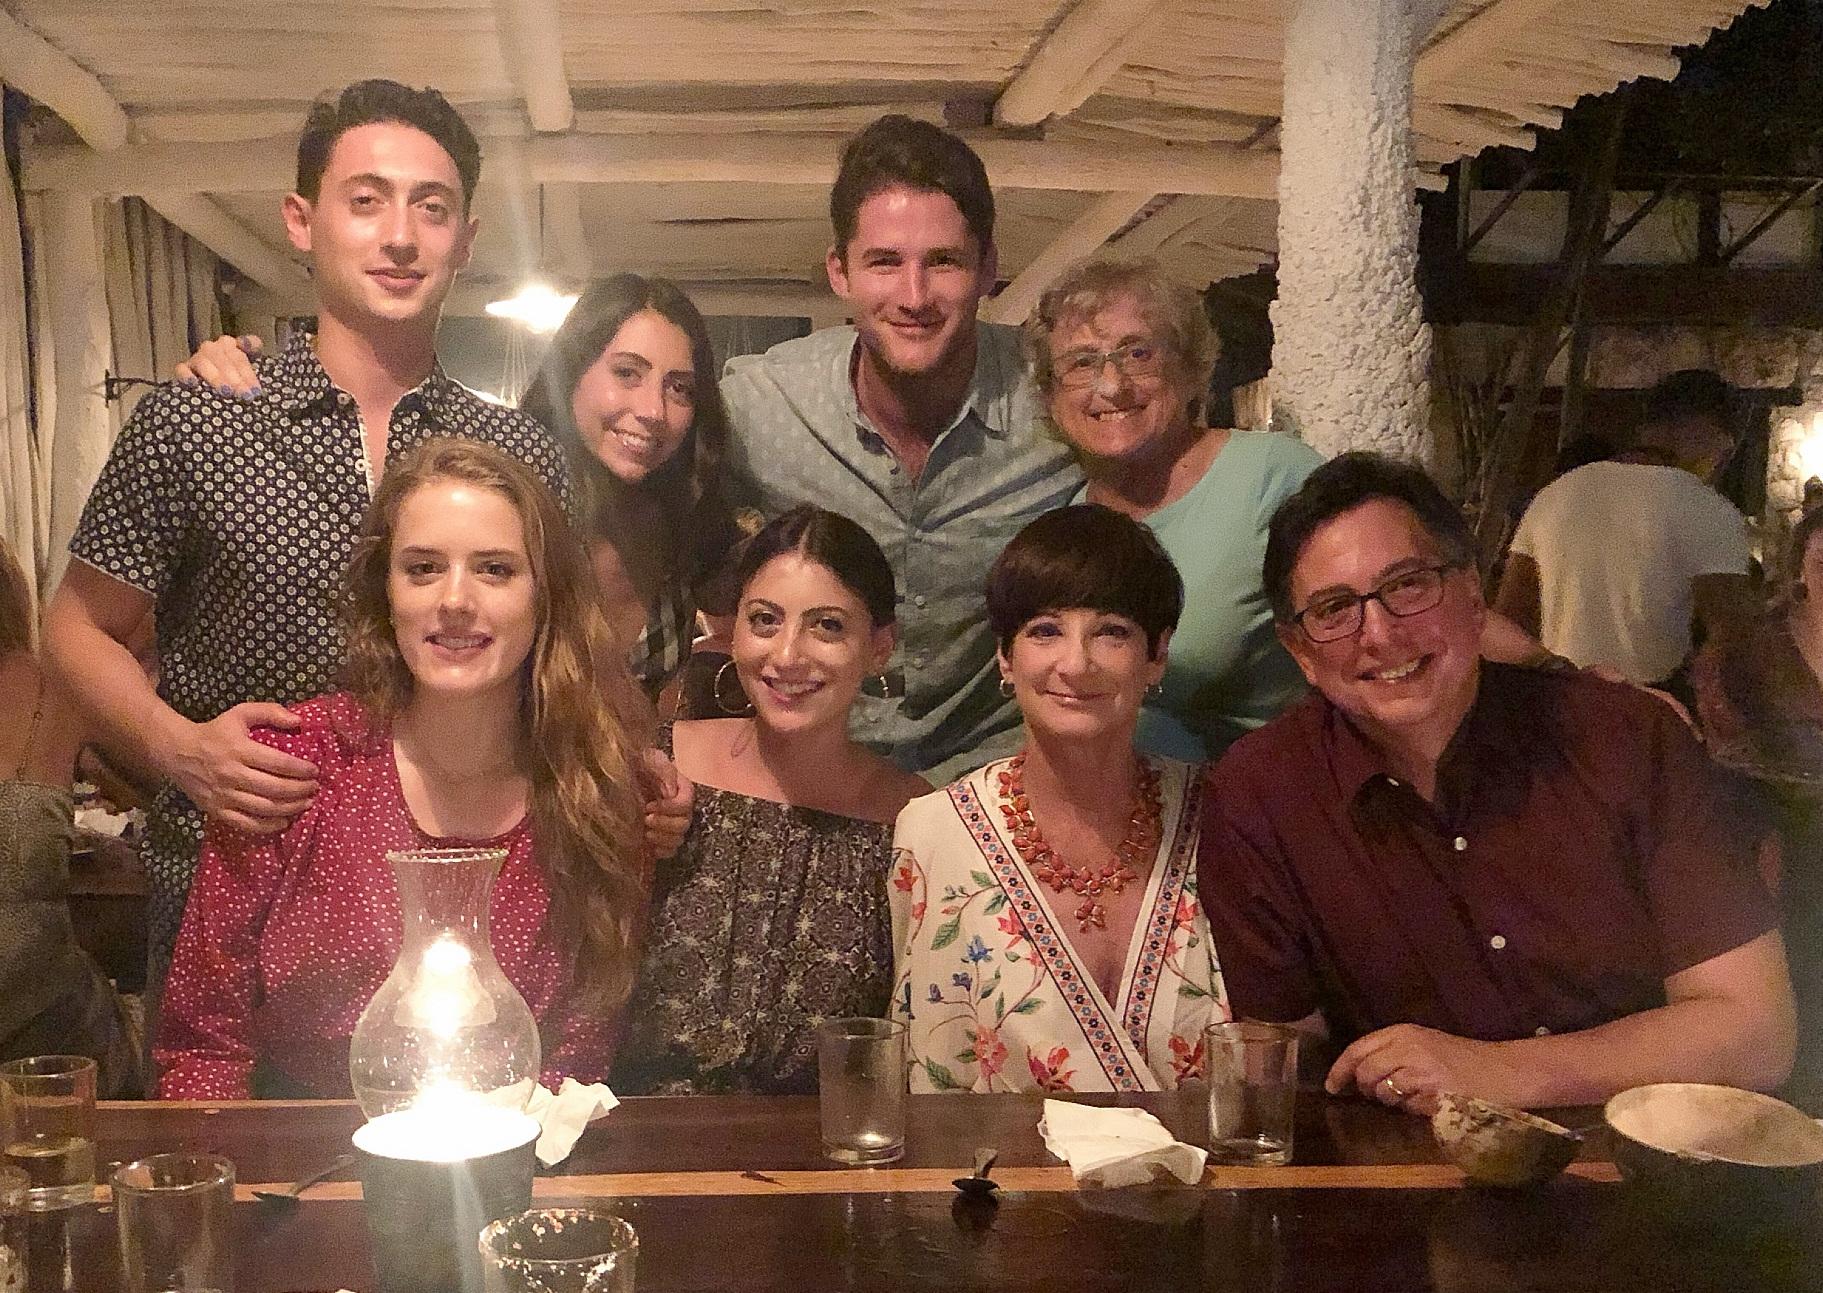 Our crew in Tulum, Mexico